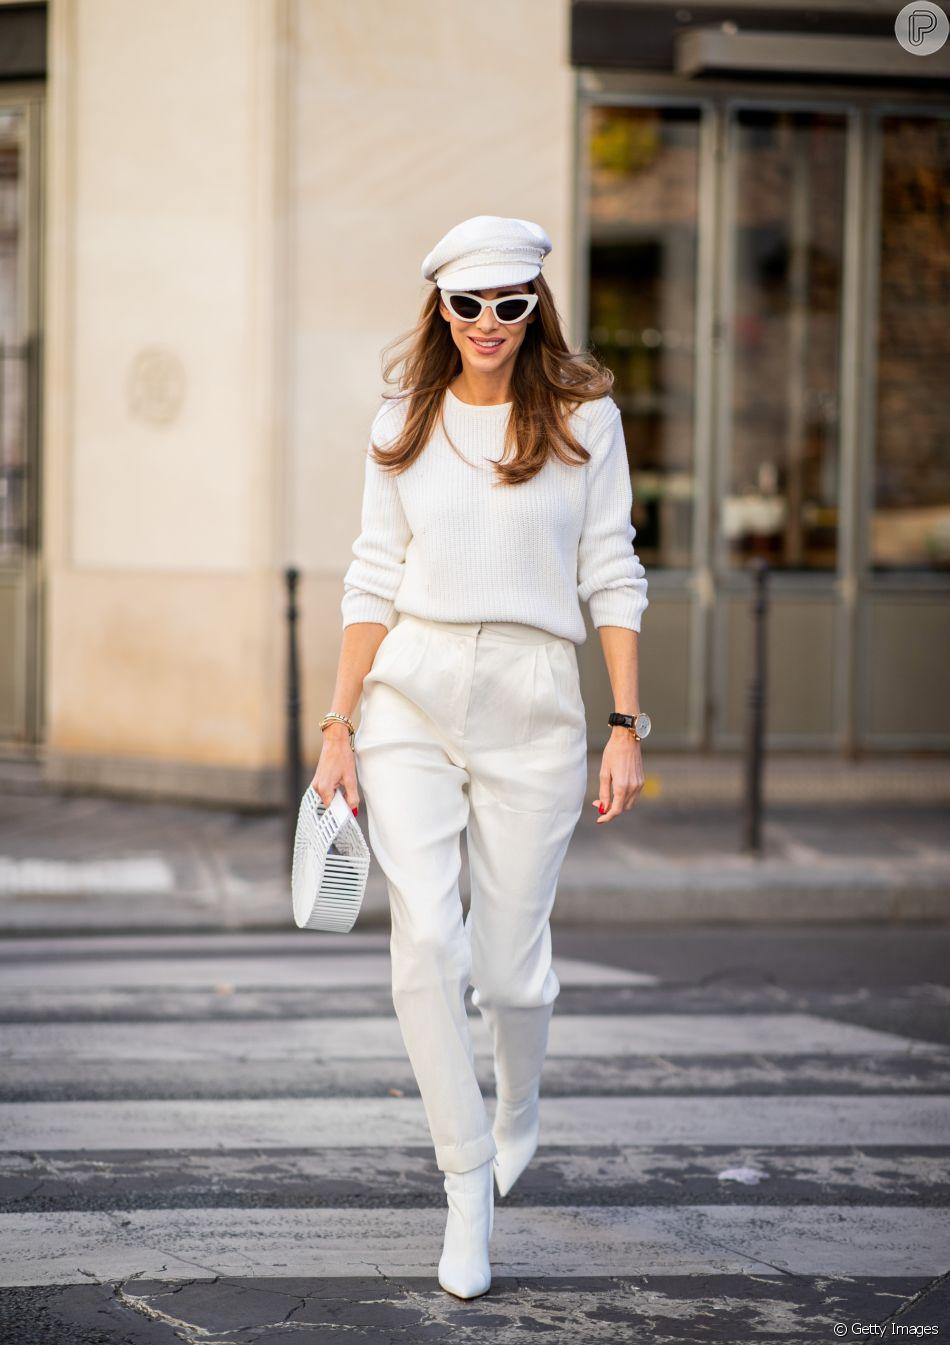 Tendência da temporada: botas brancas - com look monocromático